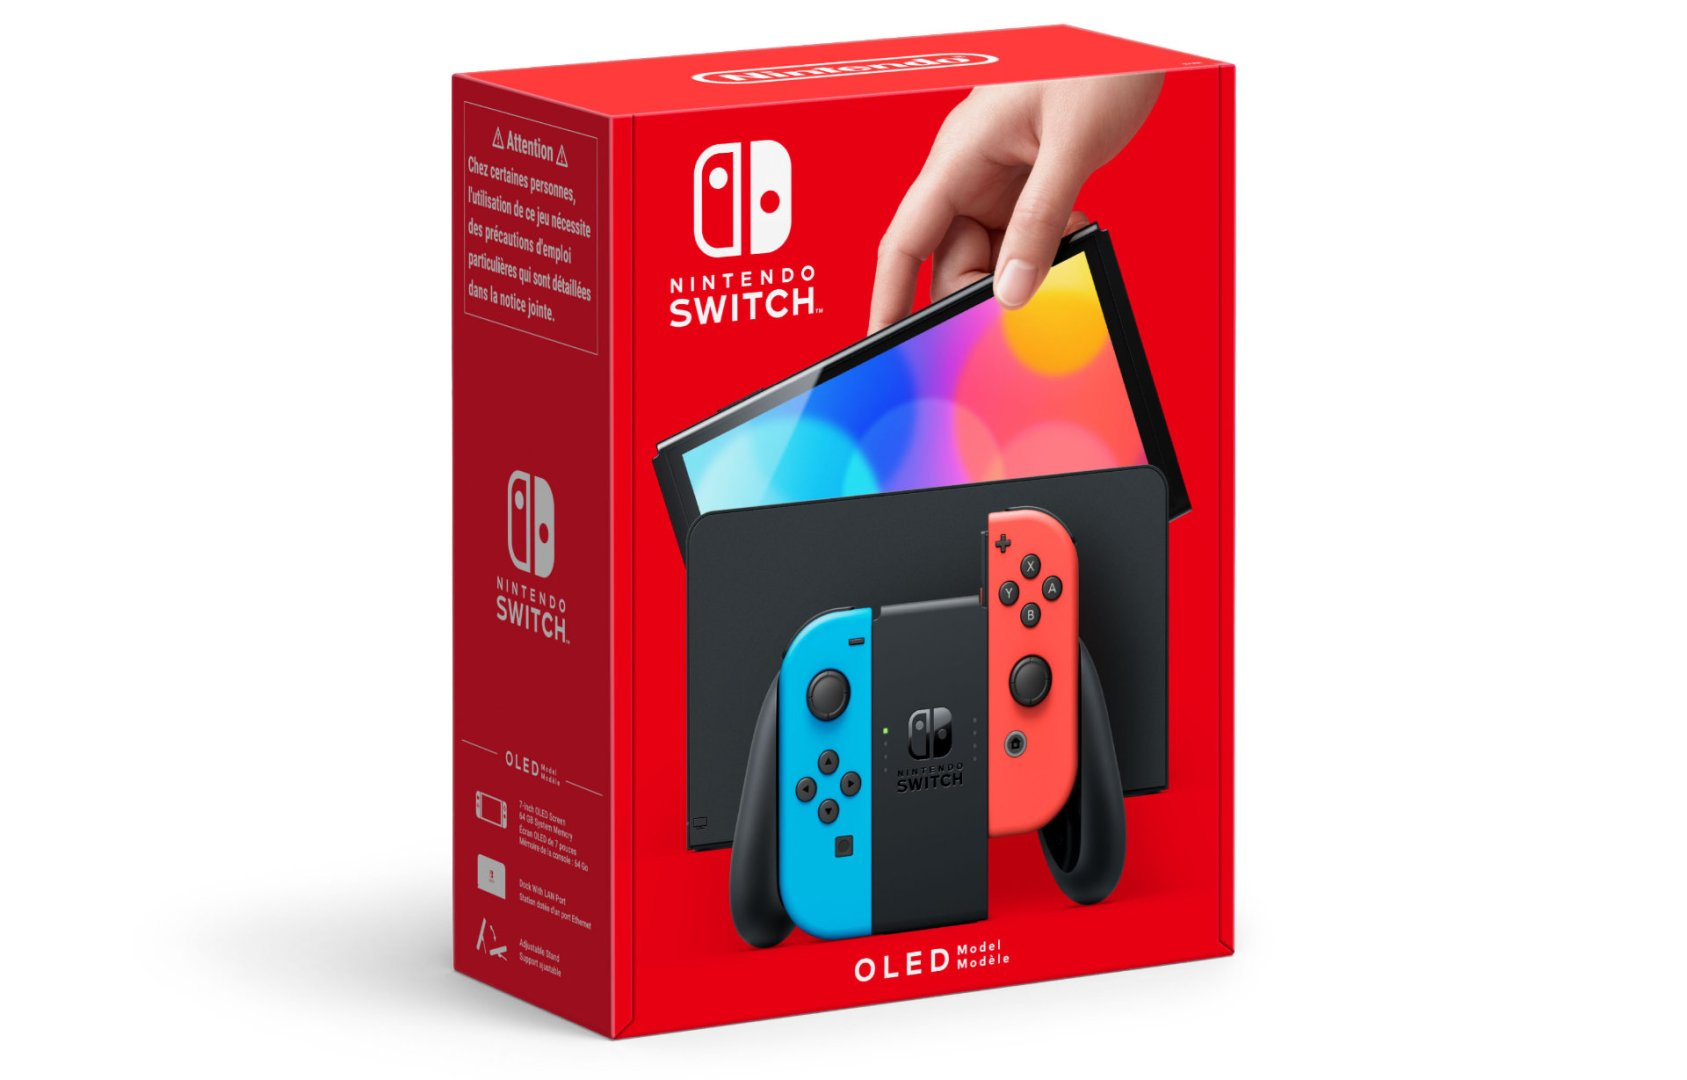 Quelle: Nintendo - Nintendo Switch (OLED-Modell) – Neon-Rot/Neon-Blau: Diese Version beinhaltet einen neonroten und einen neonblauen Joy-Con, eine schwarze Konsole und eine schwarze Station.